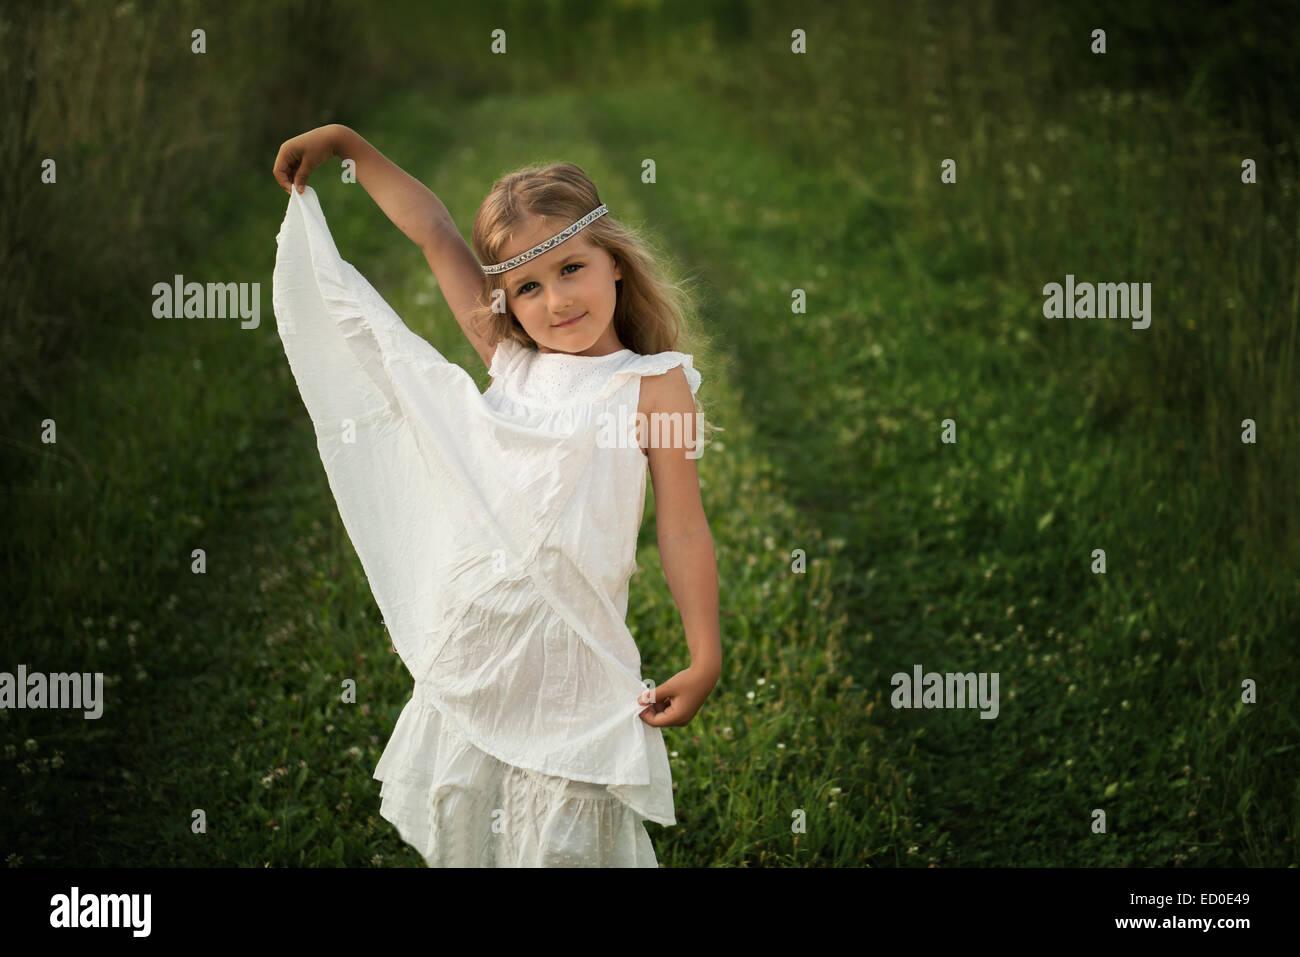 Joven (4-5) posando en el largo vestido blanco Imagen De Stock